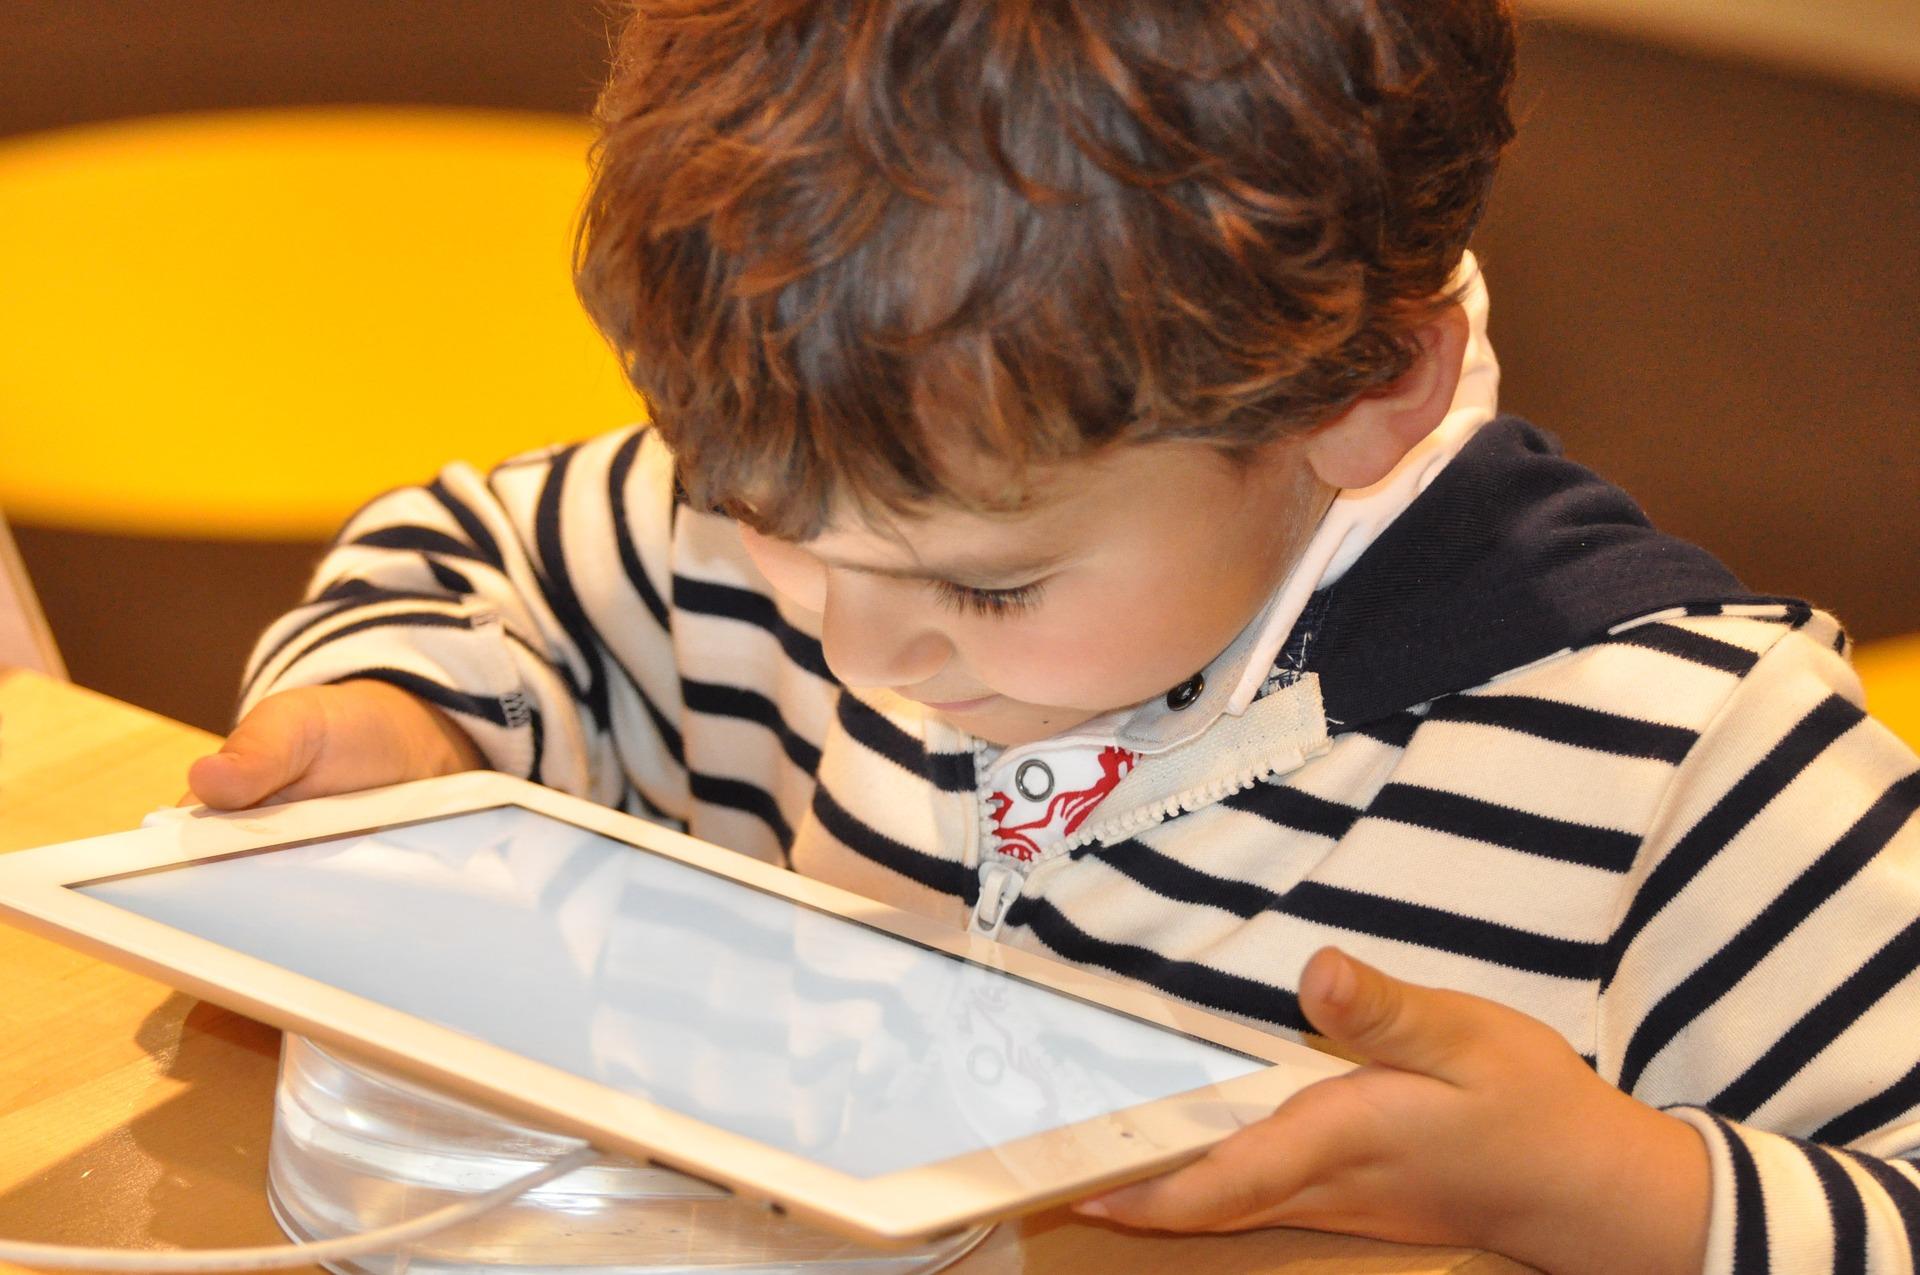 dziecko ogląda bajki po angielsku